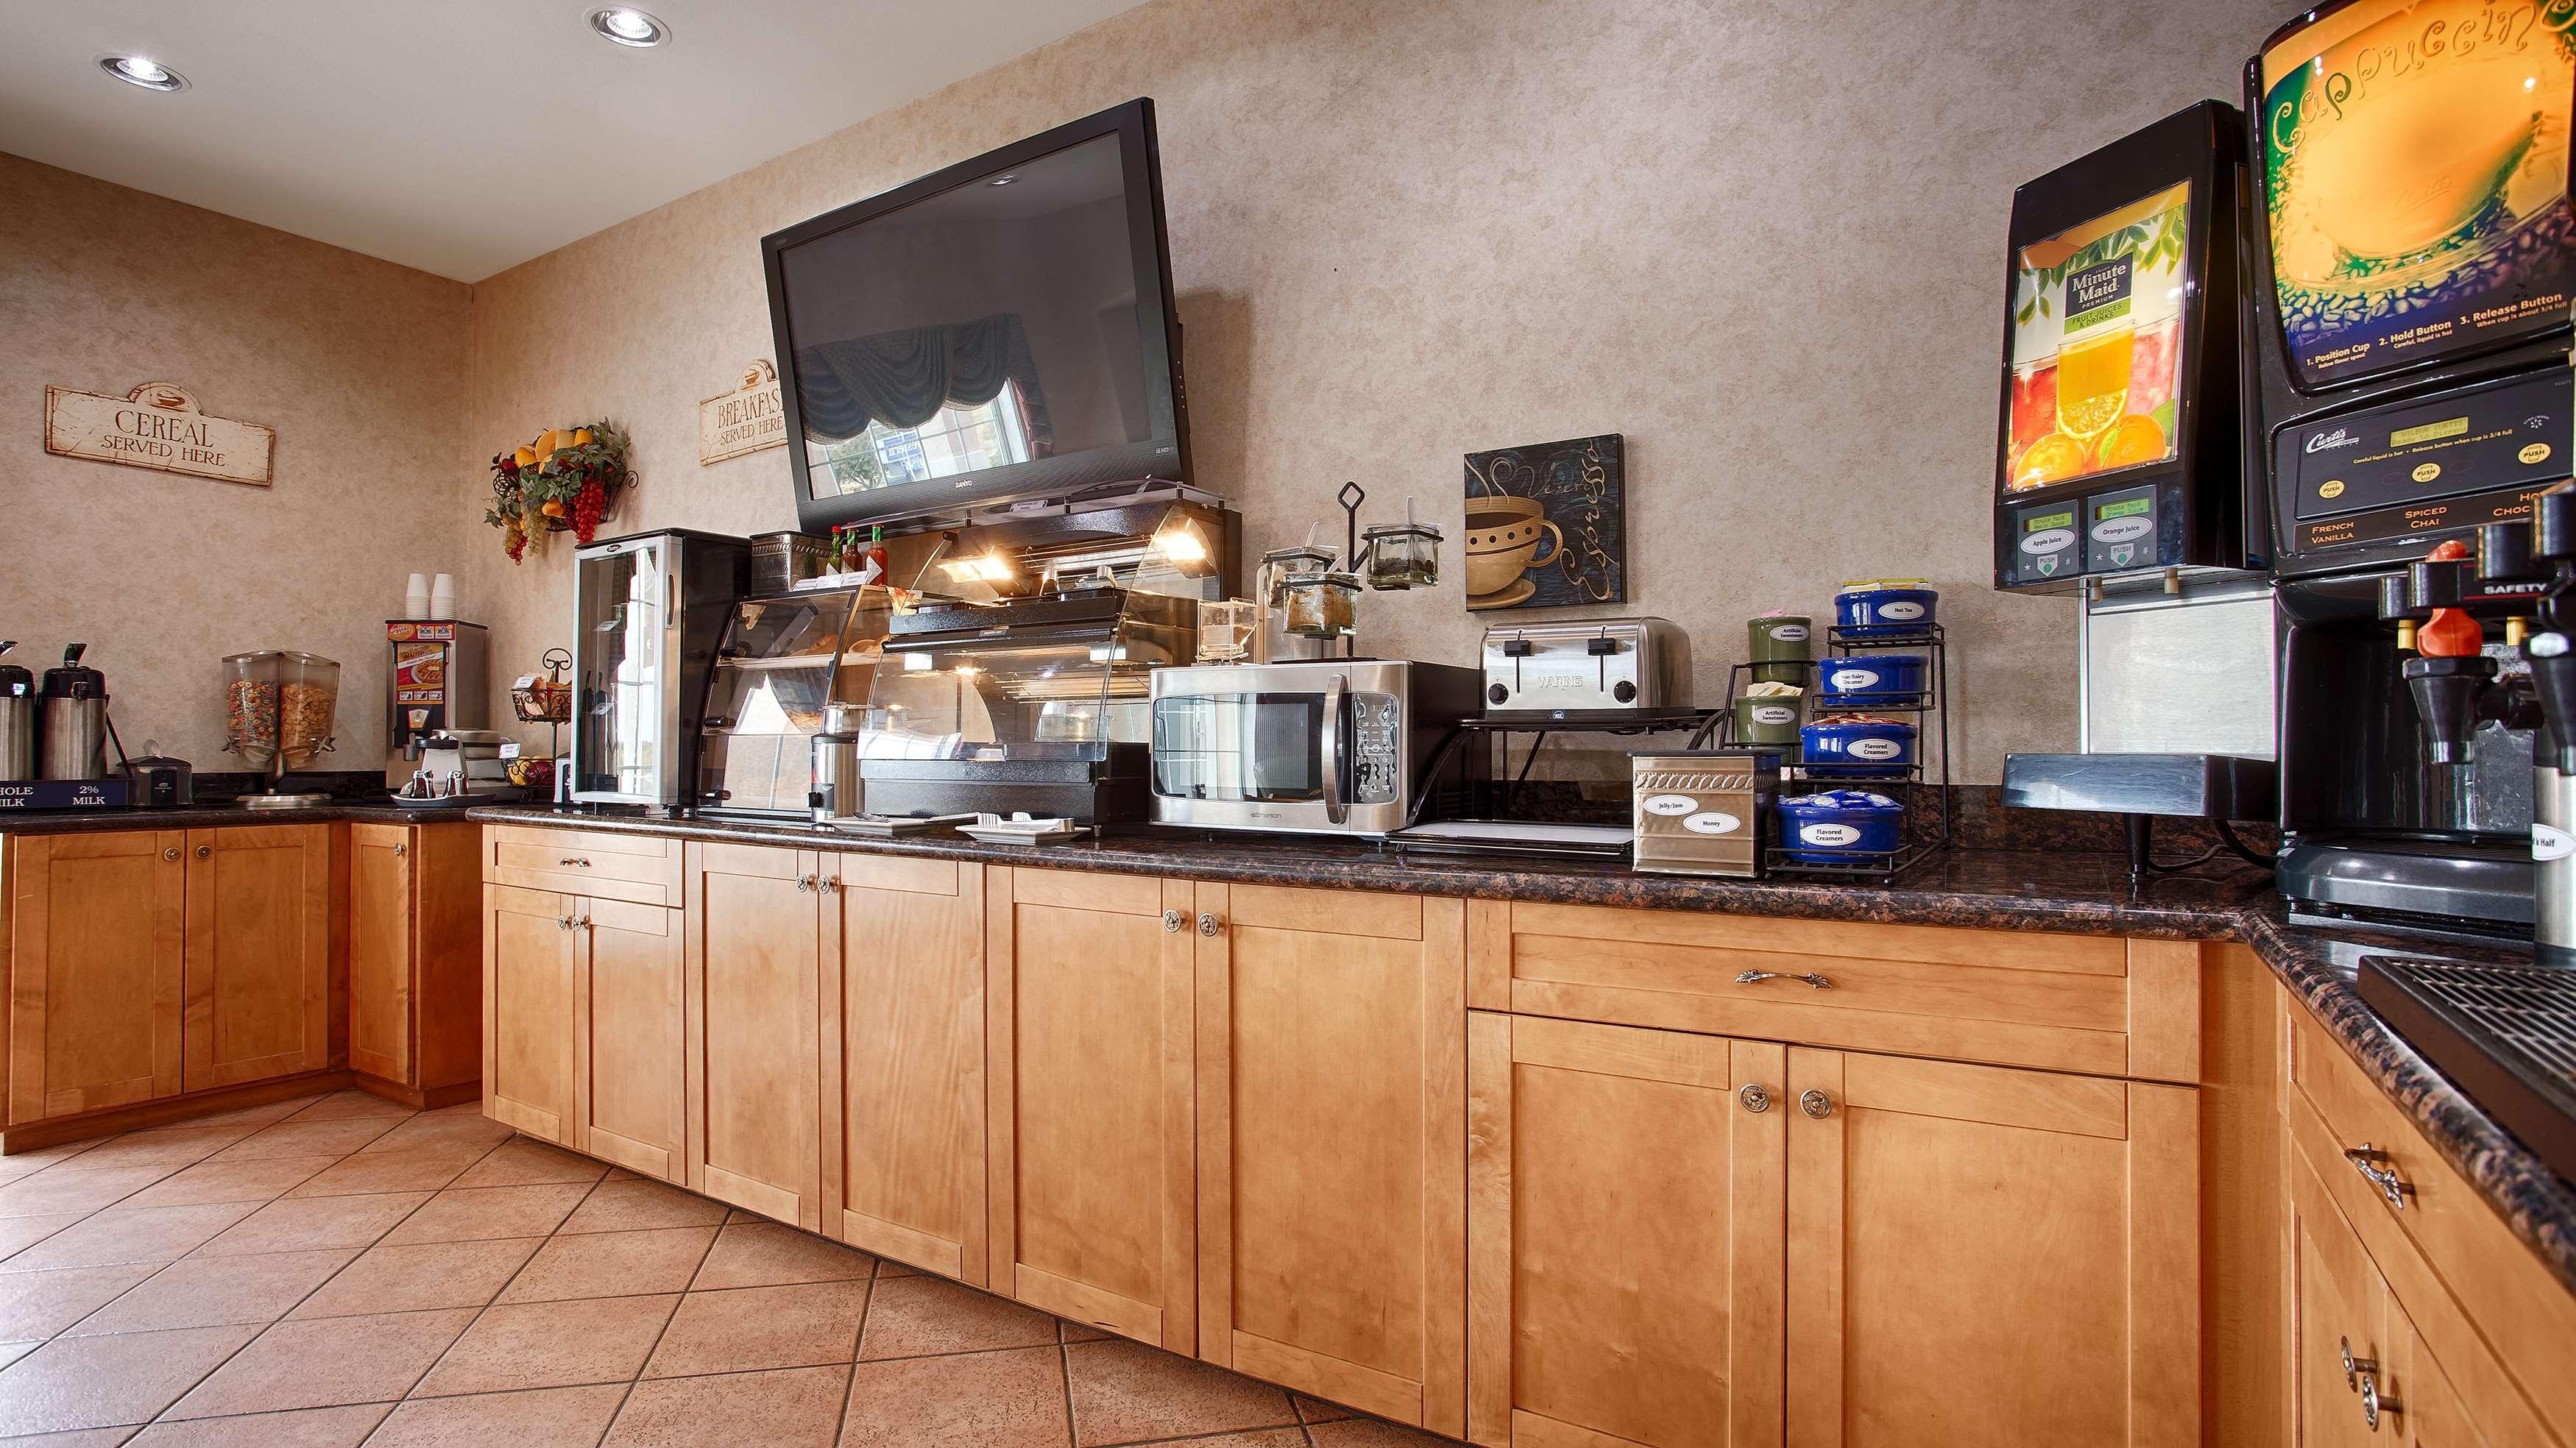 Best Western Club House Inn & Suites image 10